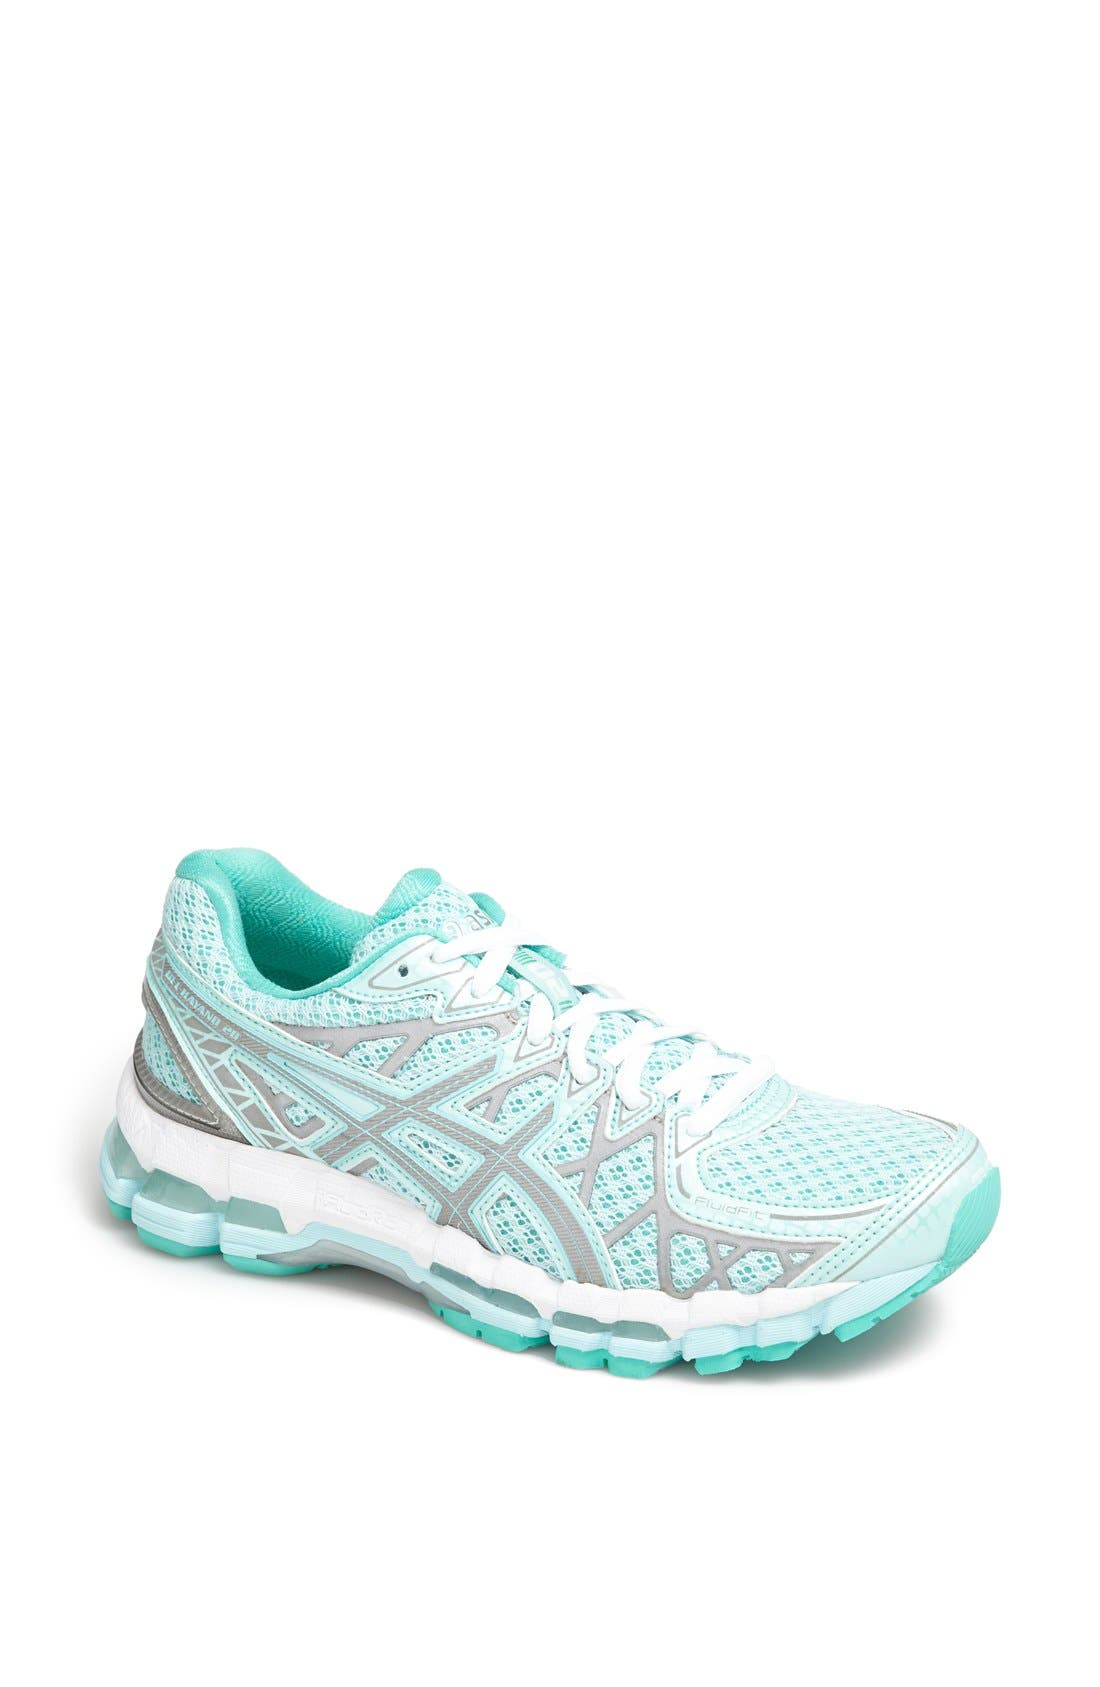 Alternate Image 1 Selected - ASICS® 'GEL-Kayano® 20 Lite' Running Shoe (Women) (Regular Retail Price: $169.95)